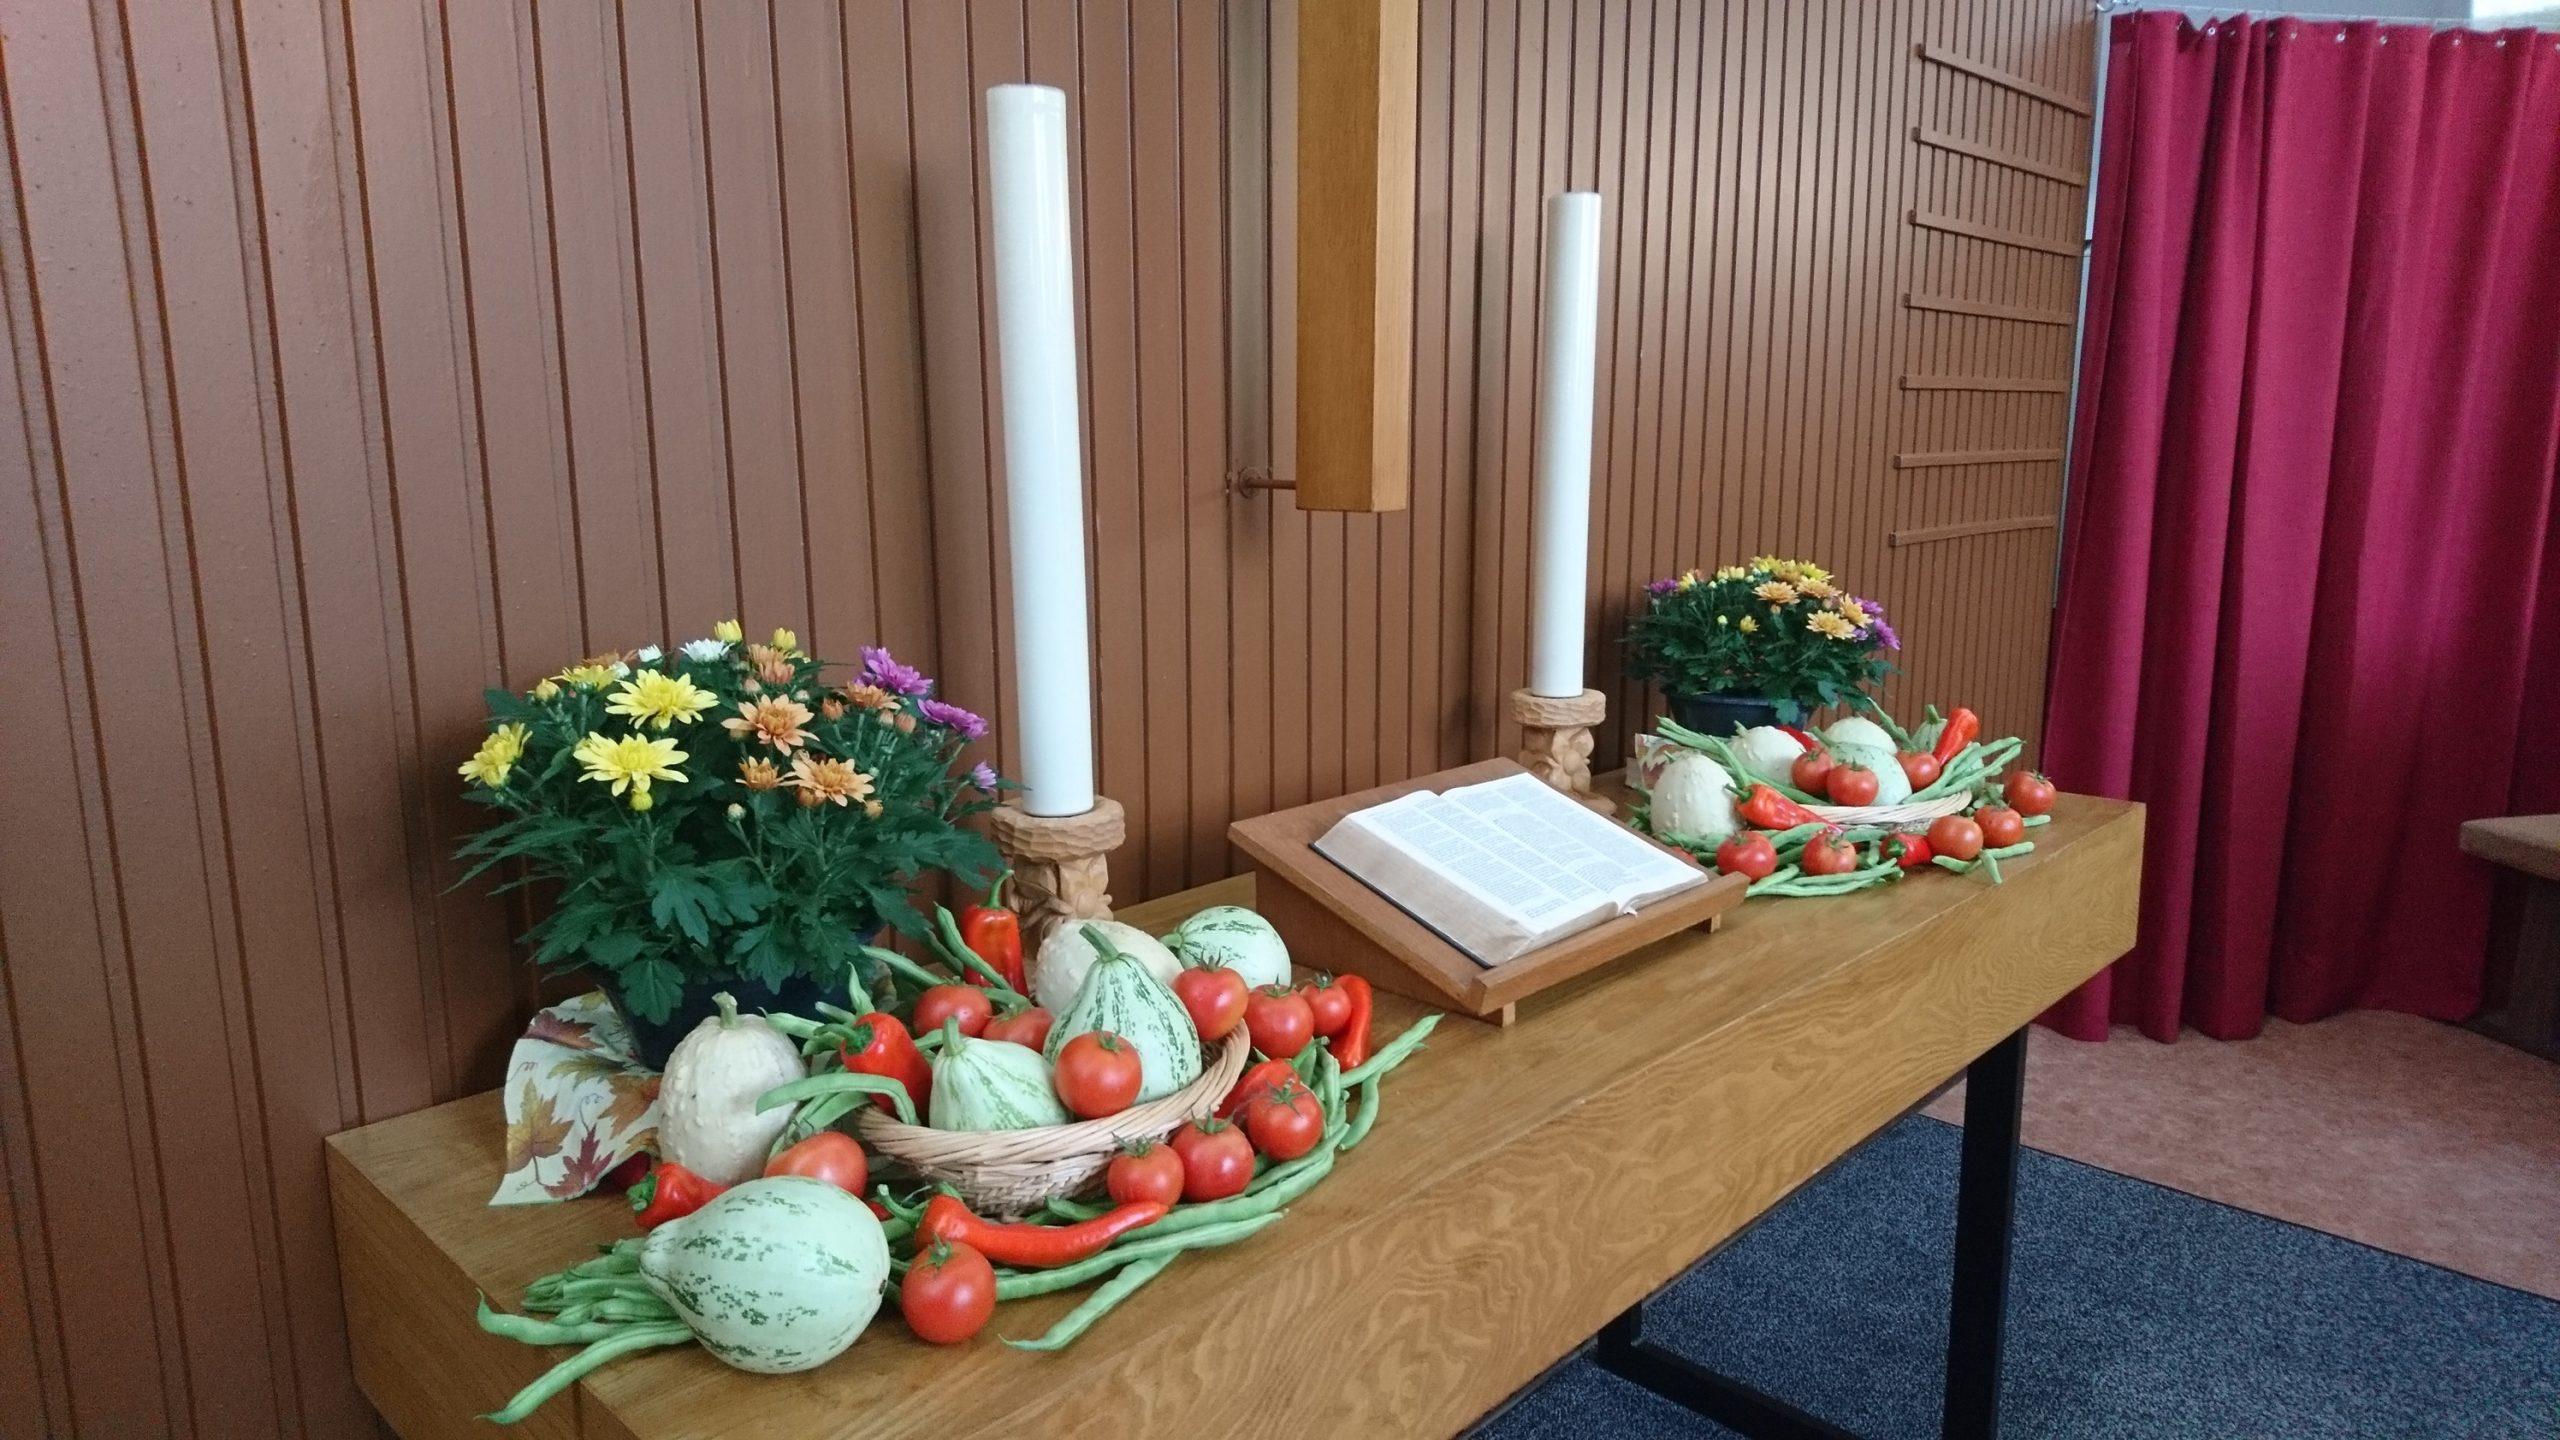 Erntedankgottesdienst Altar mit Gemüse und Blumen geschmückt